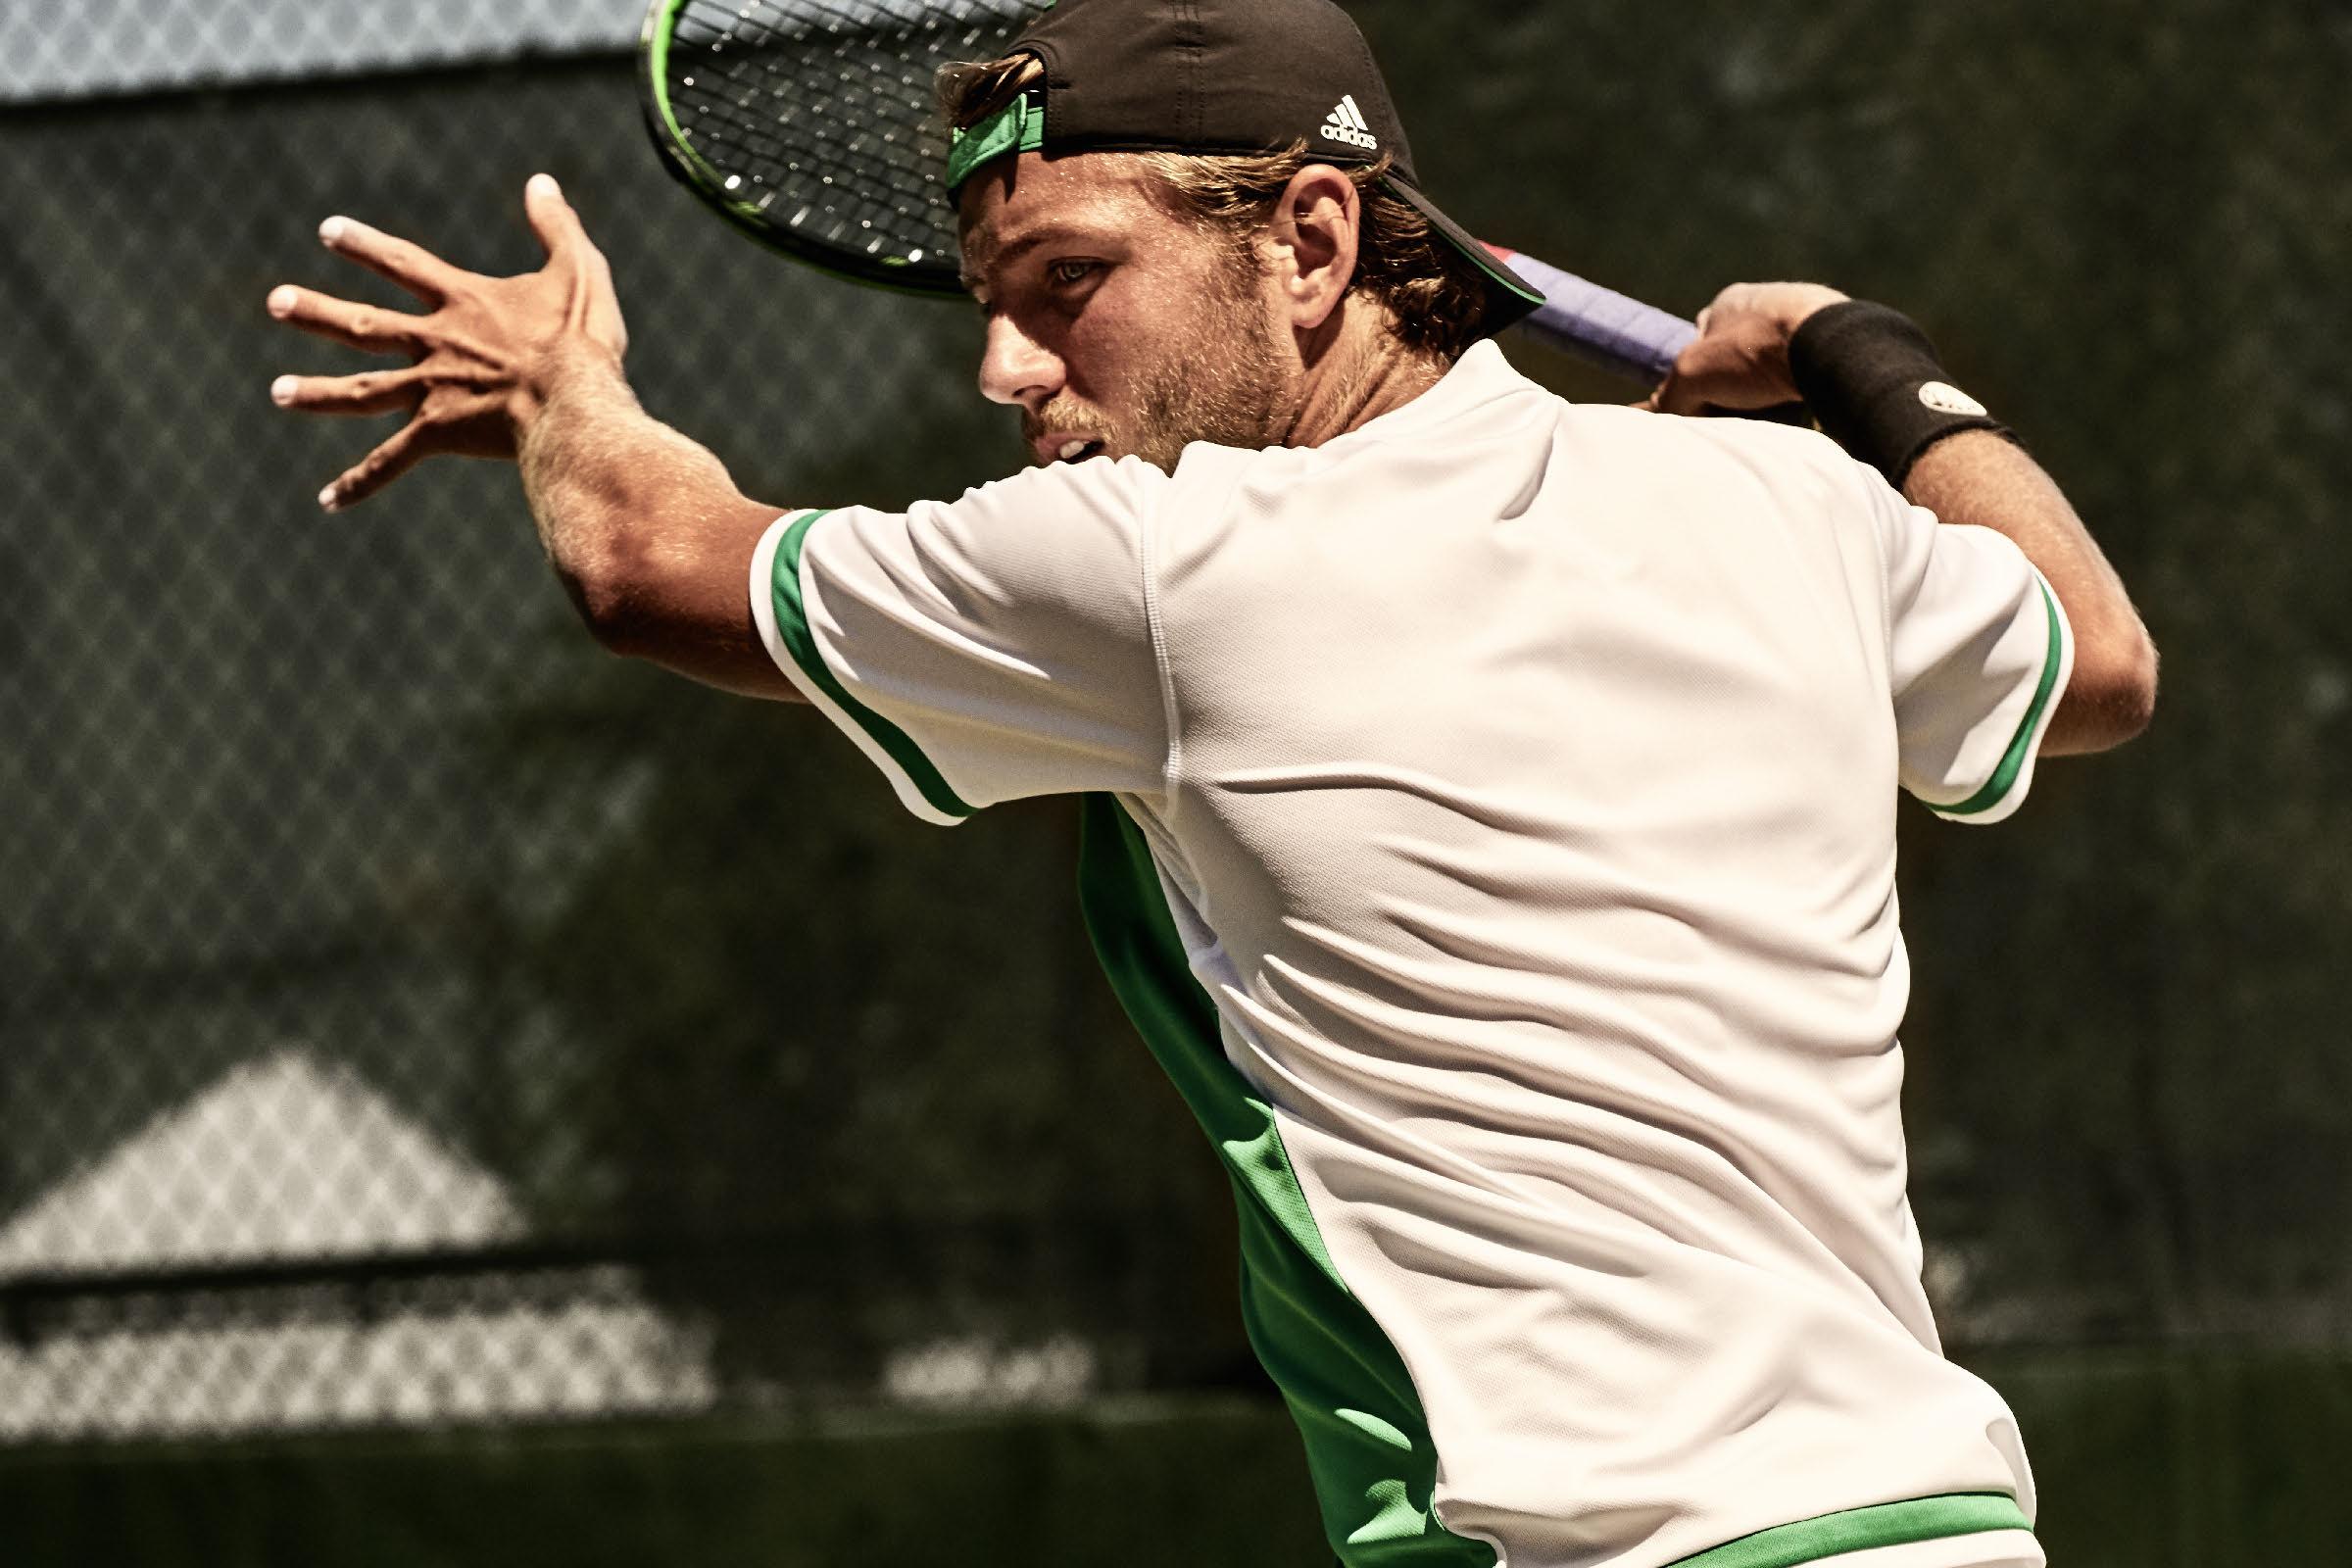 Rencontre tennis roland garros